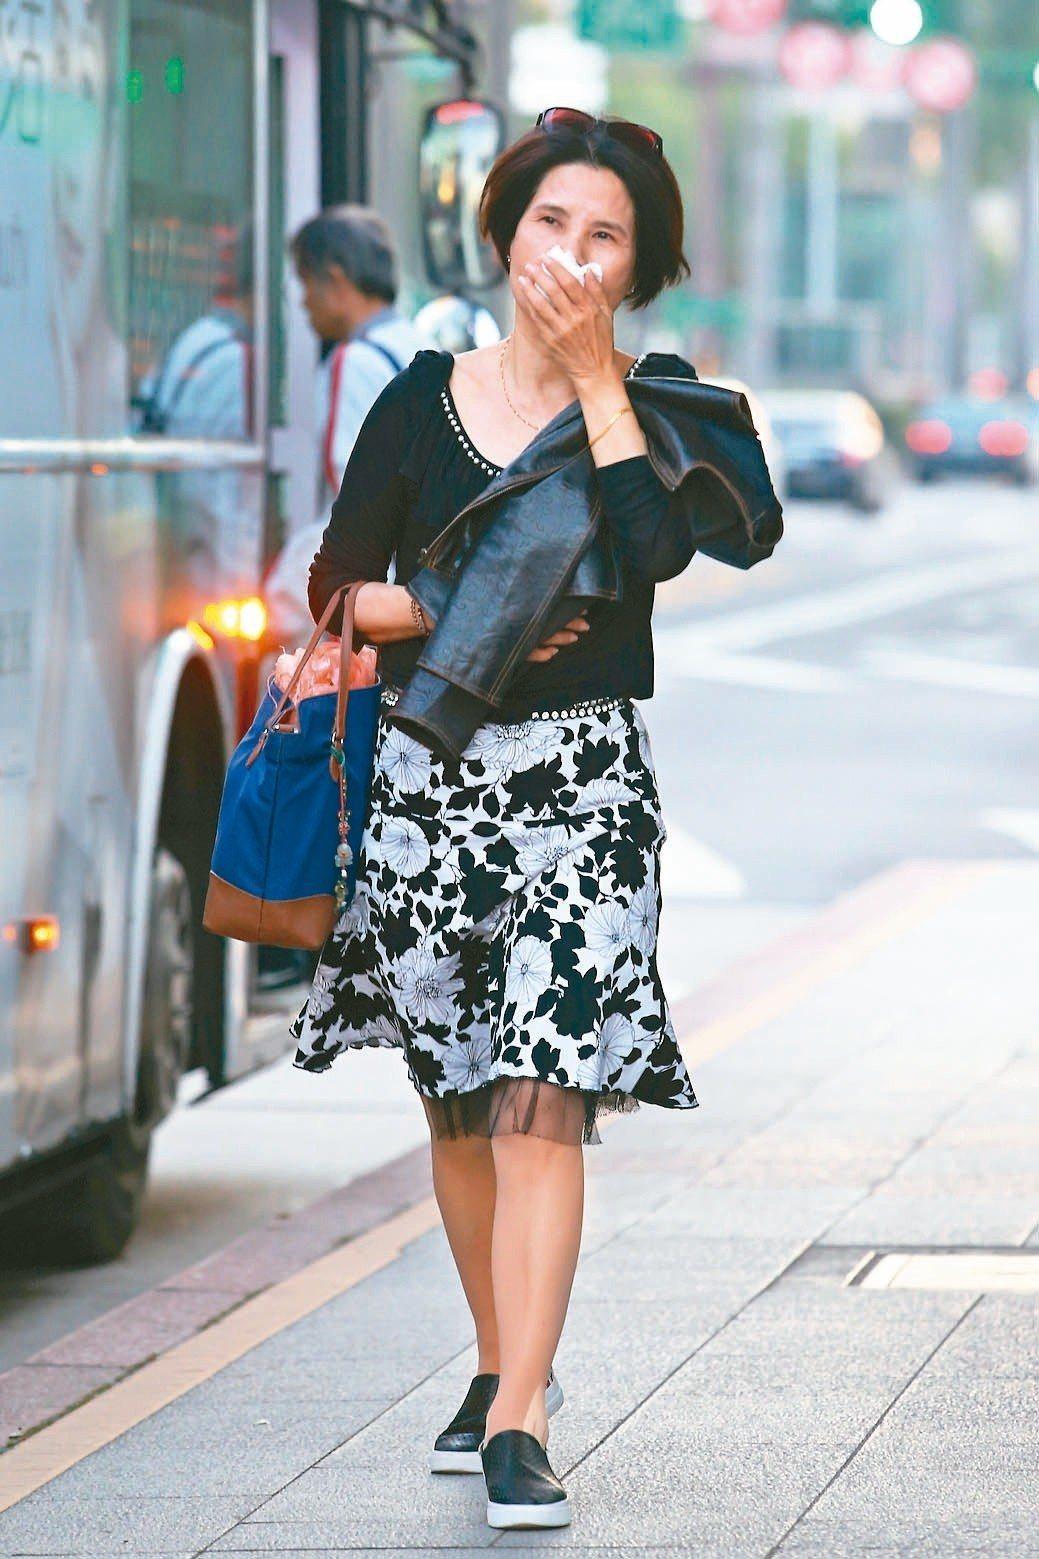 空氣品質糟,不少民眾出門戴口罩掩口鼻。記者葉信菉/攝影